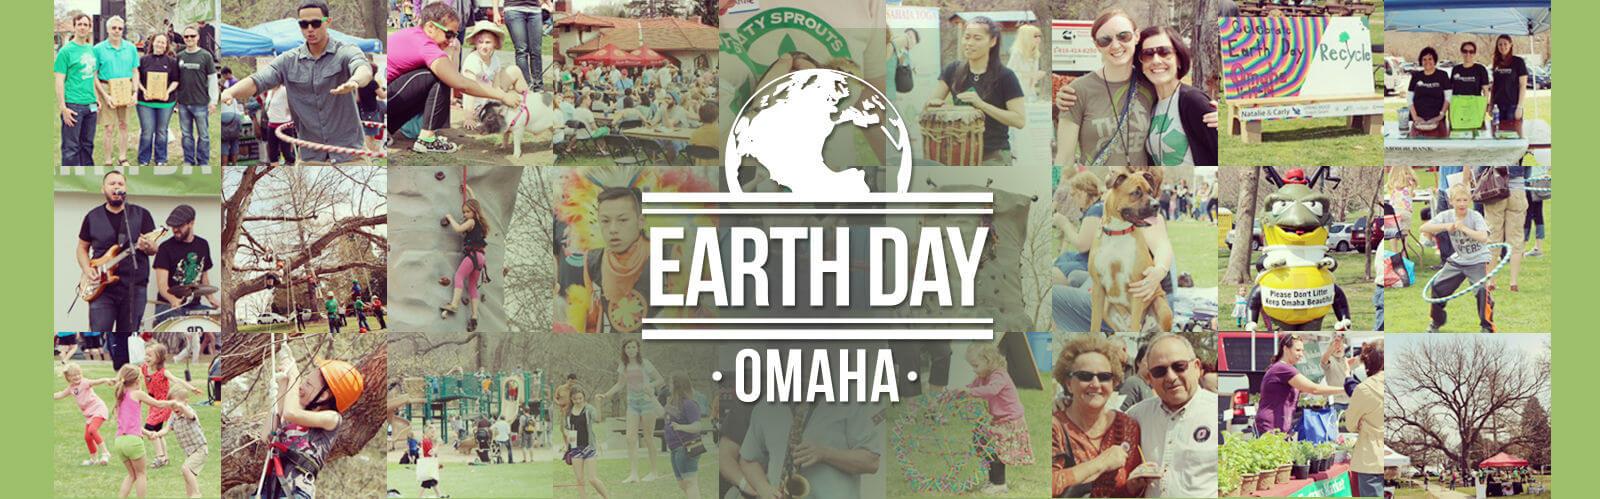 Earth Day Omaha